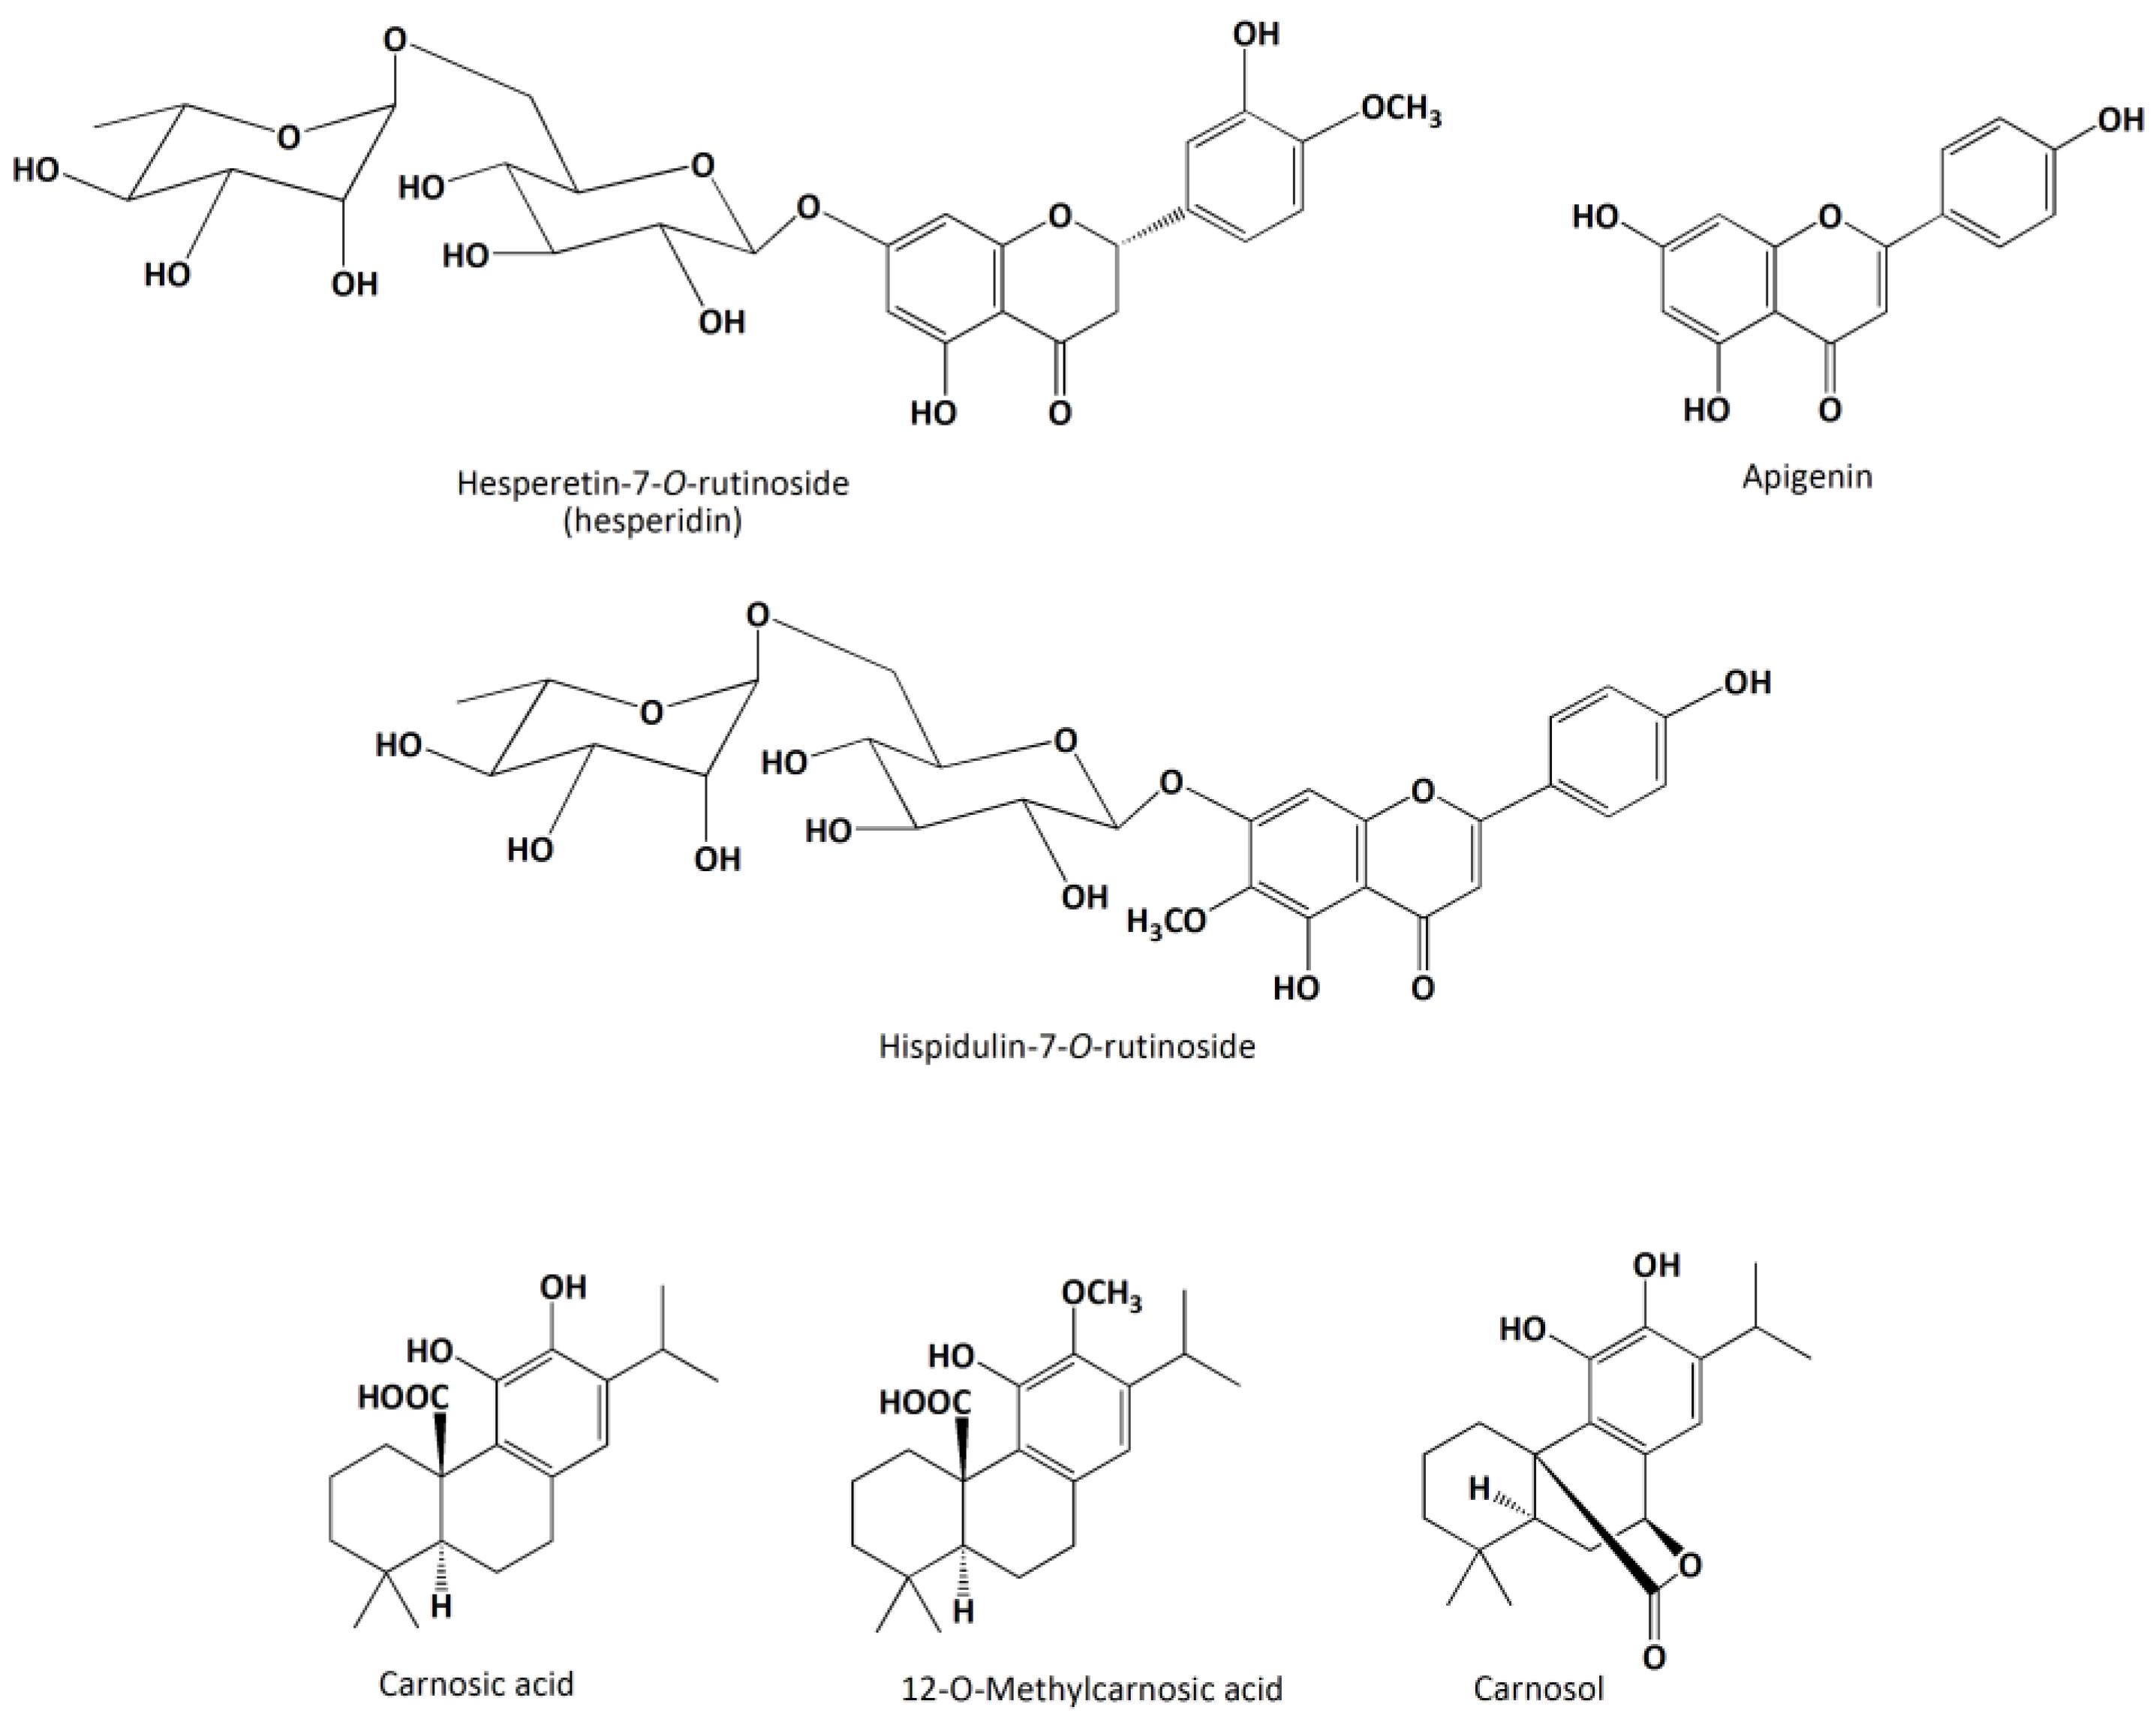 A dugo kicselezese 98 - Molecules 21 01576 G002